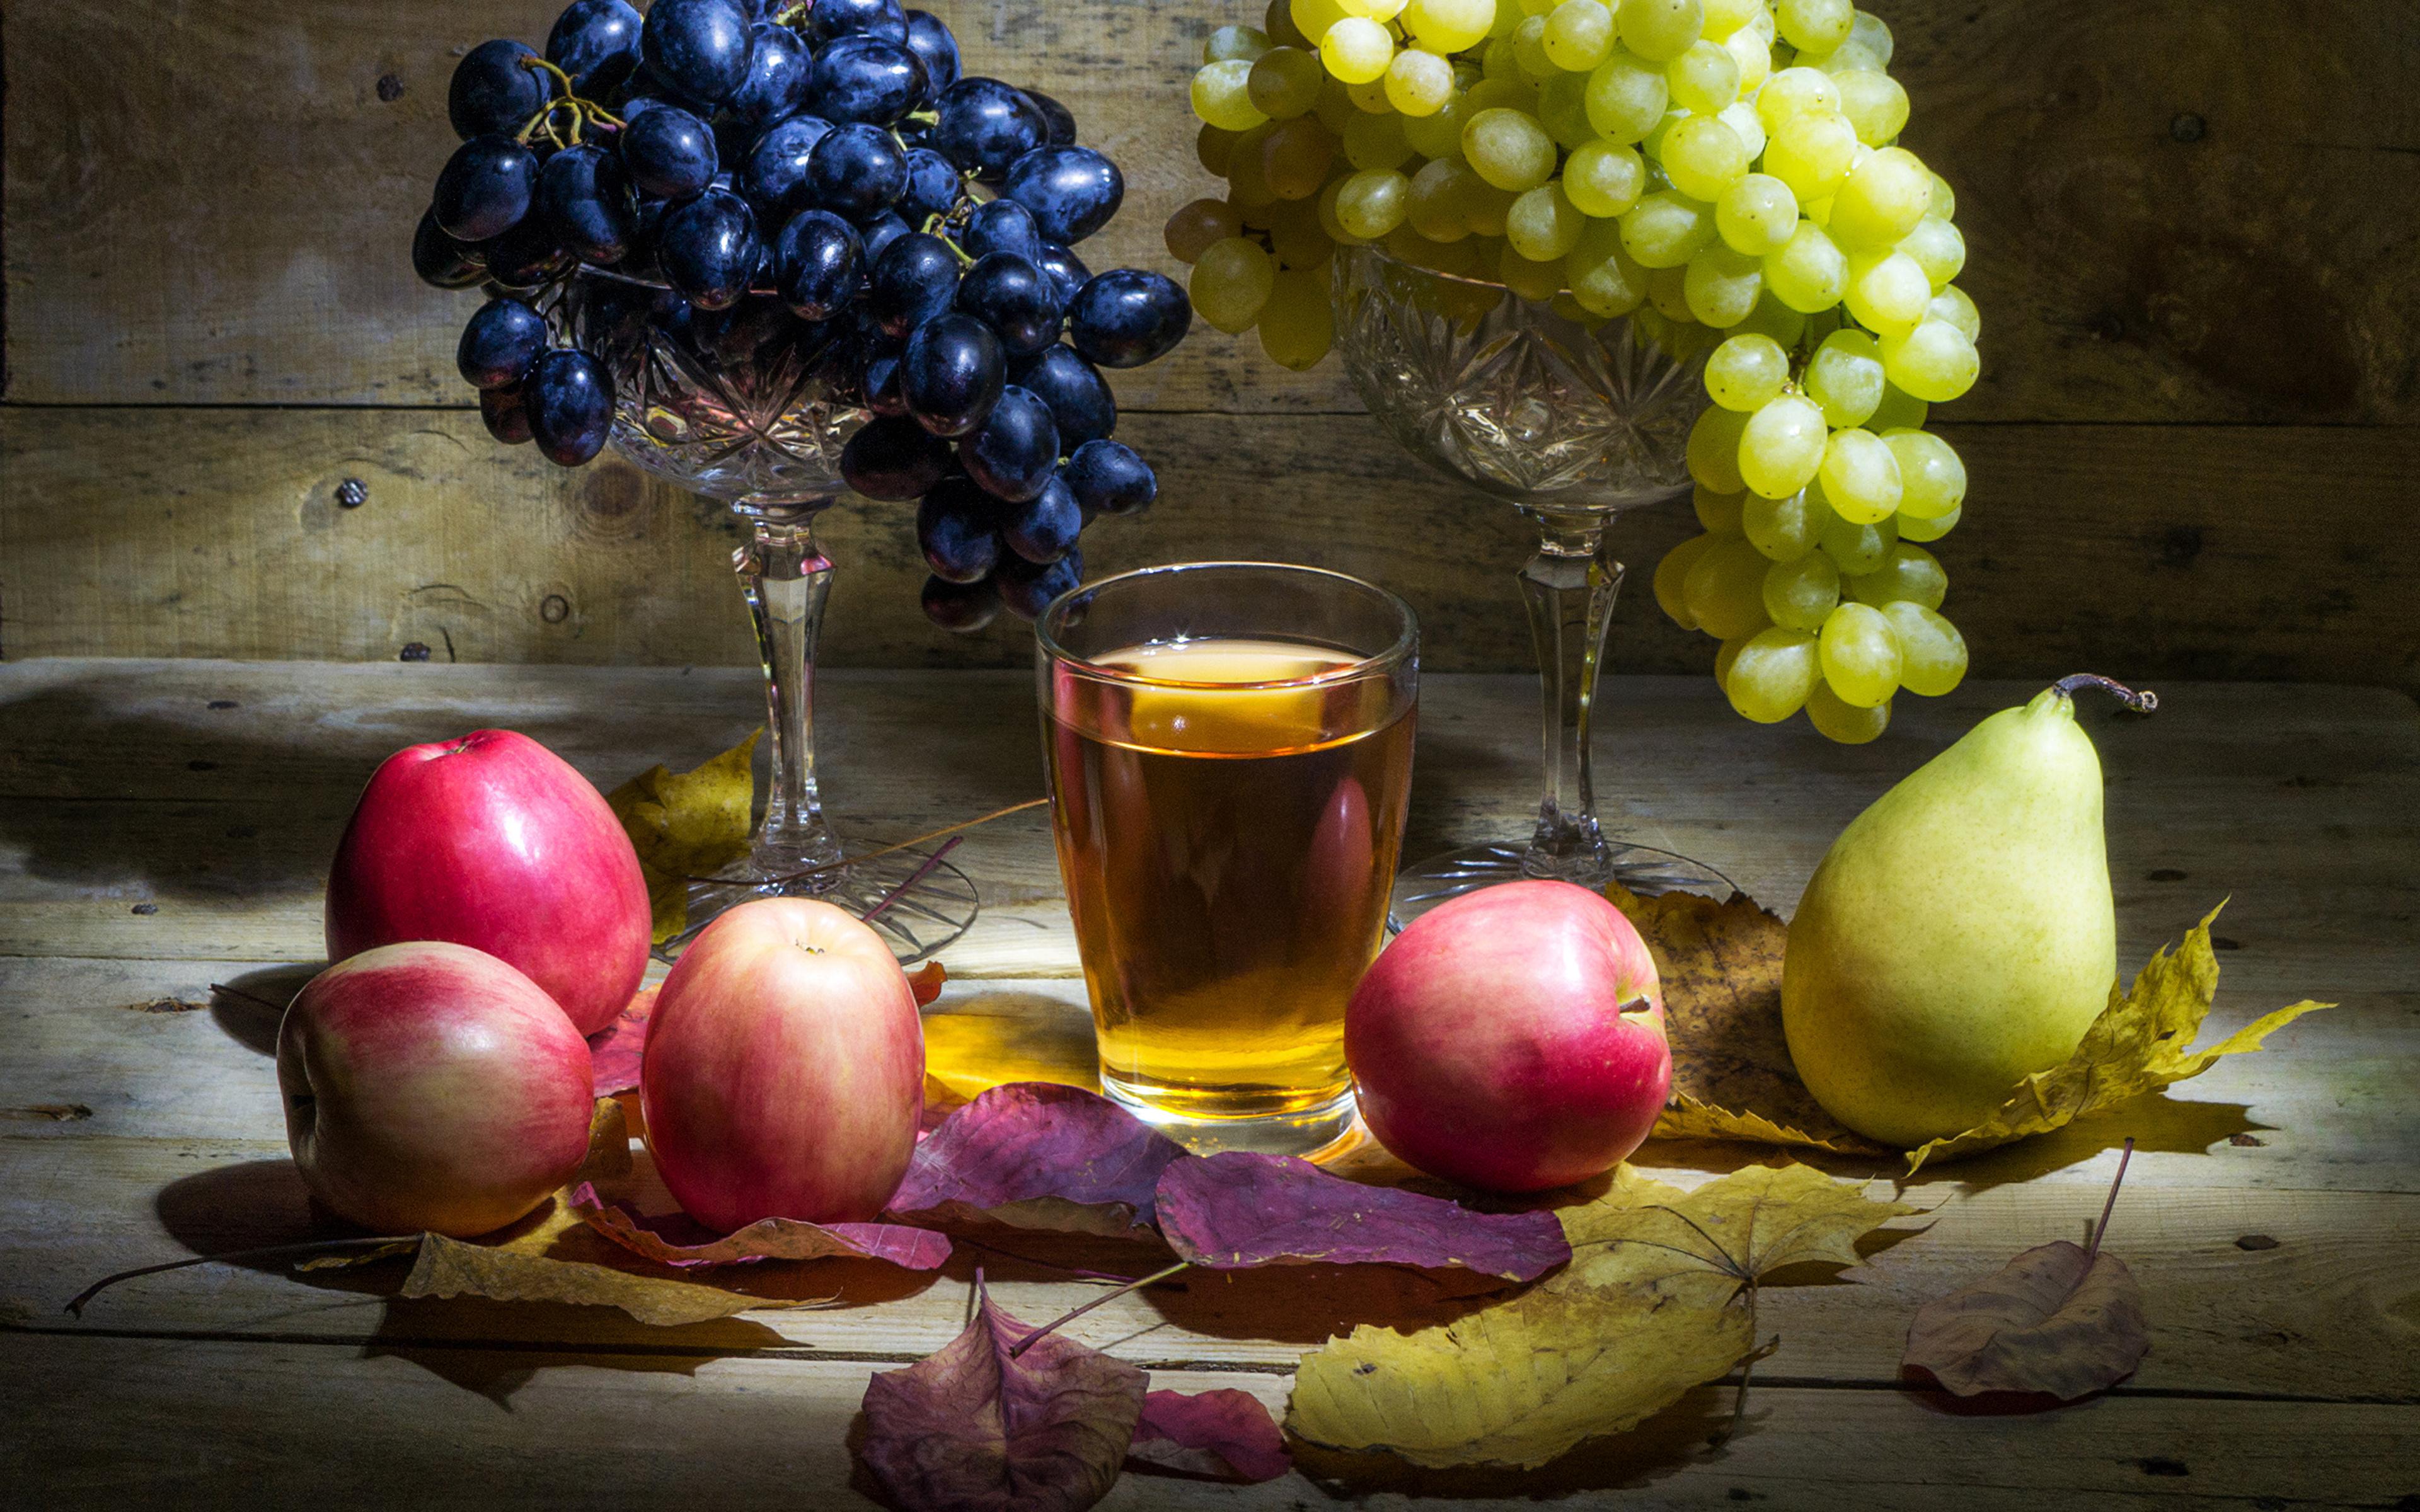 Обои для рабочего стола Листья Сок Груши Стакан Яблоки Виноград Еда Натюрморт 3840x2400 лист Листва стакана стакане Пища Продукты питания